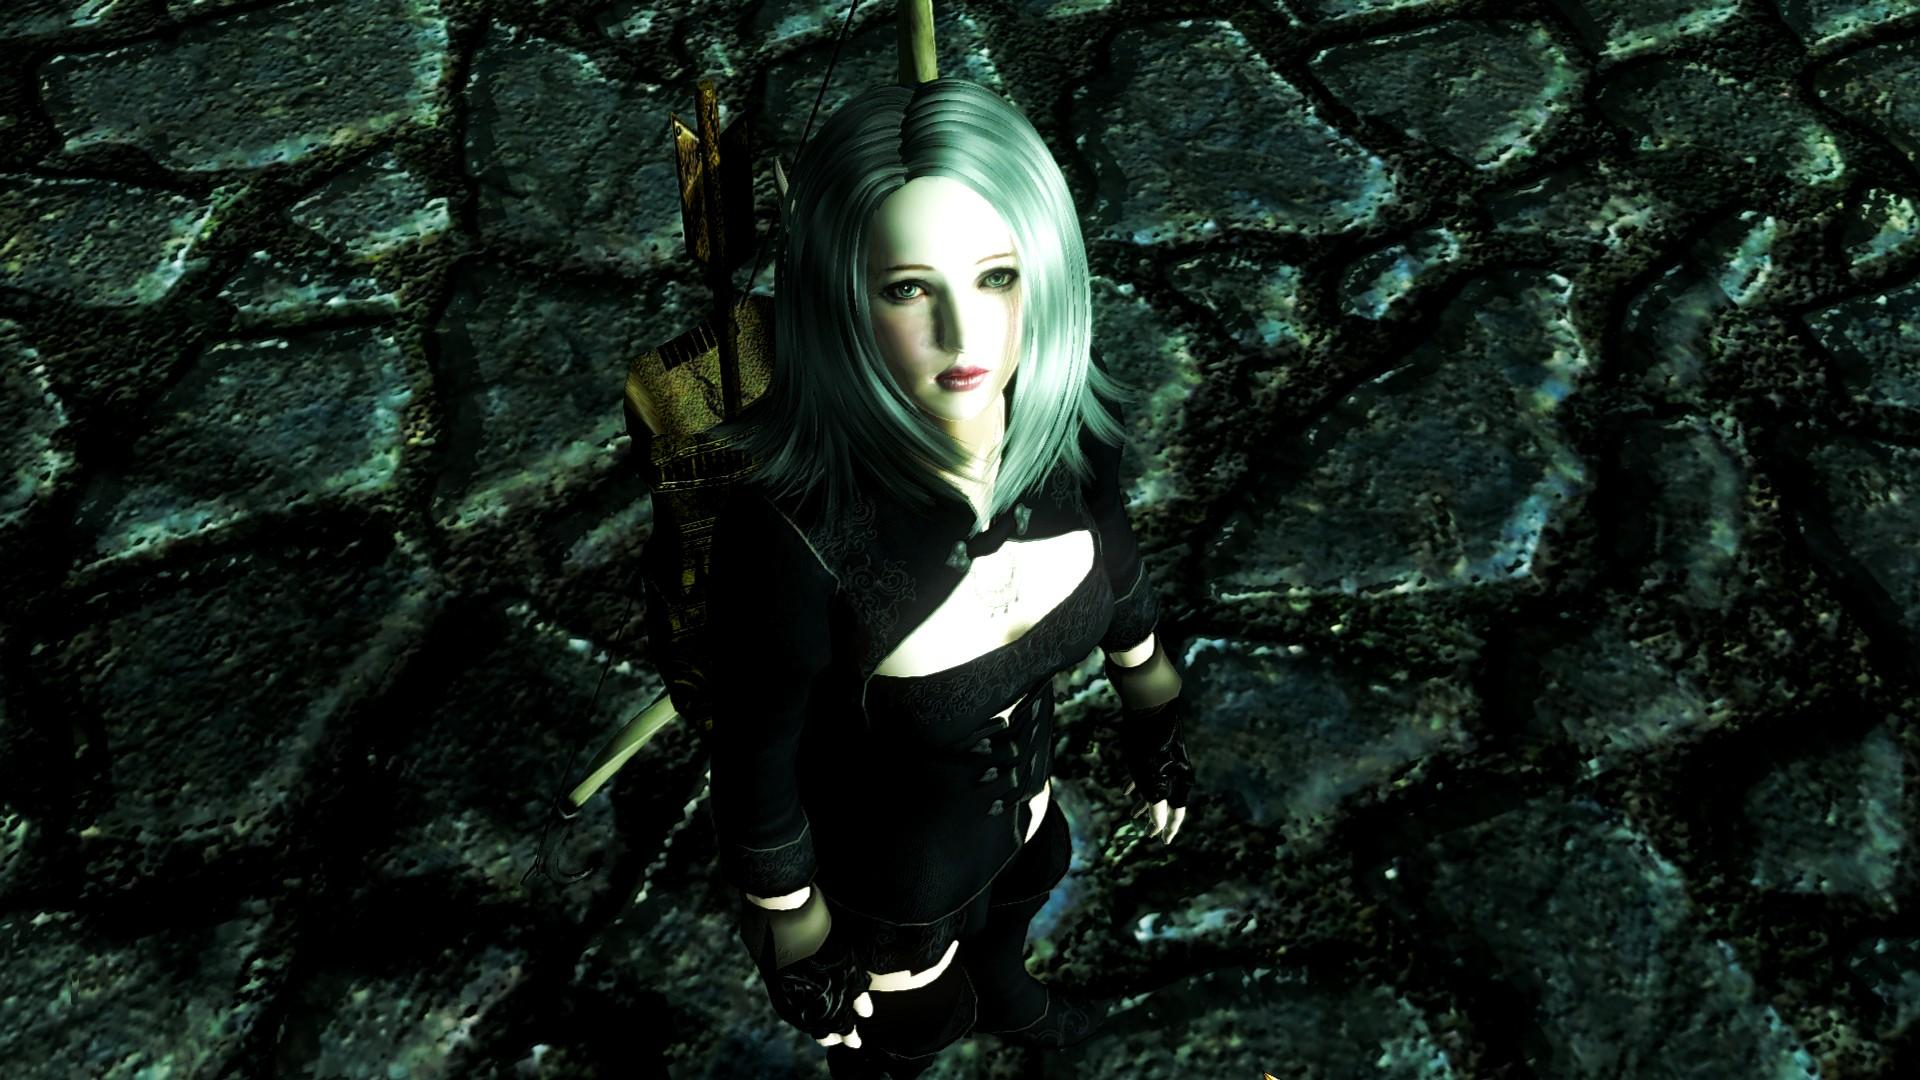 Oblivion 2011-12-25 22-56-00-07